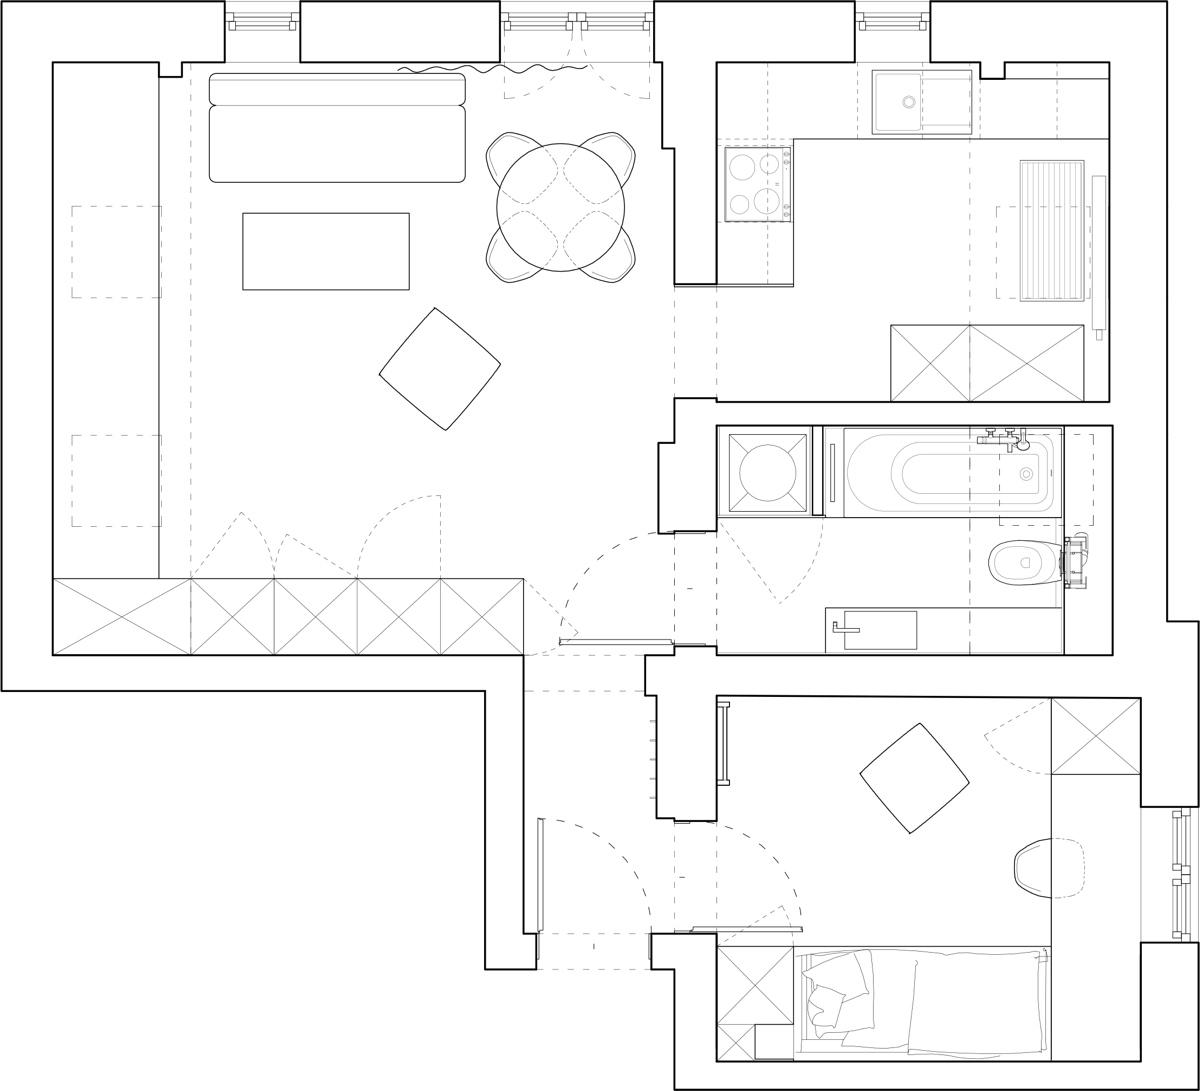 Bản vẽ kỹ thuật thiết kế nội thất thông minh cho căn hộ nhỏ tầng áp mái